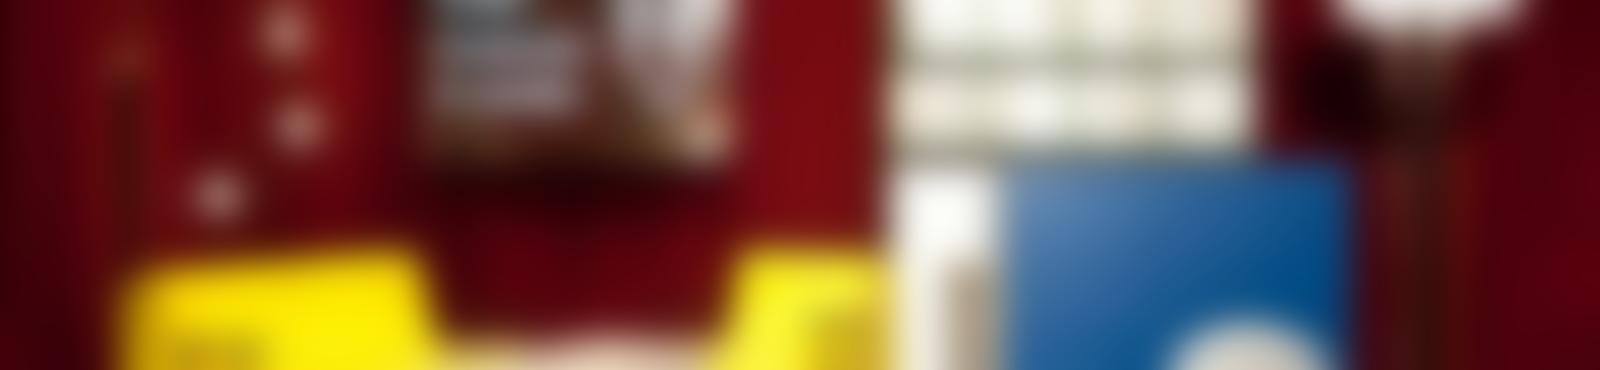 Blurred 9e6f6576 66b0 45ae 8905 3be8ea7f5f95